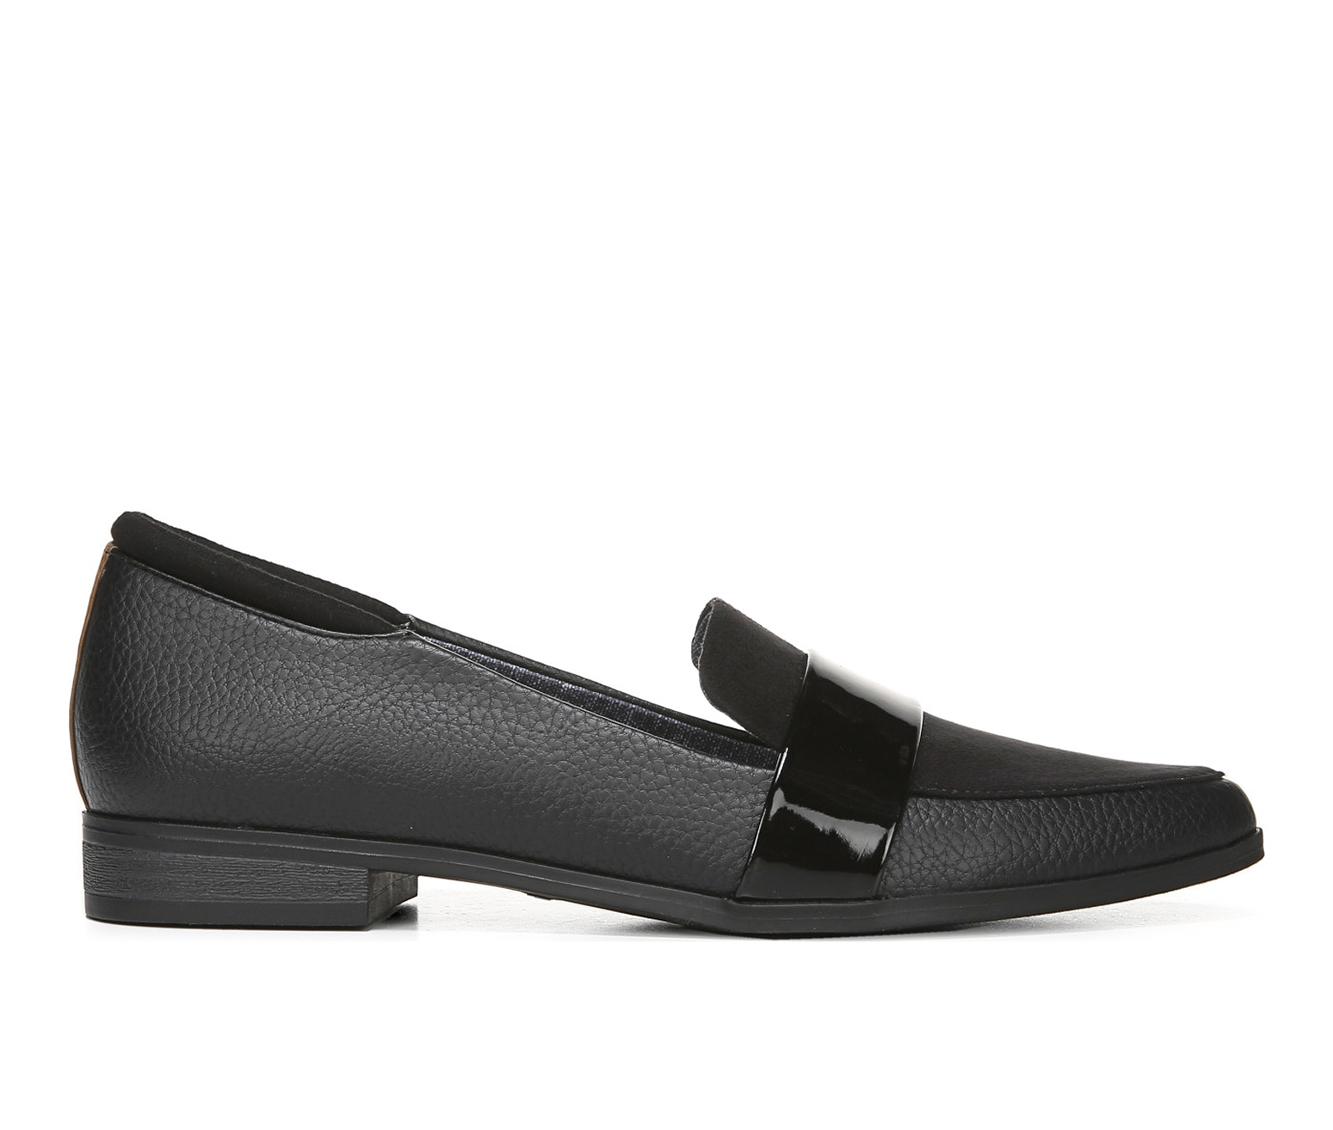 Dr. Scholls Leo Women's Shoe (Black Faux Leather)